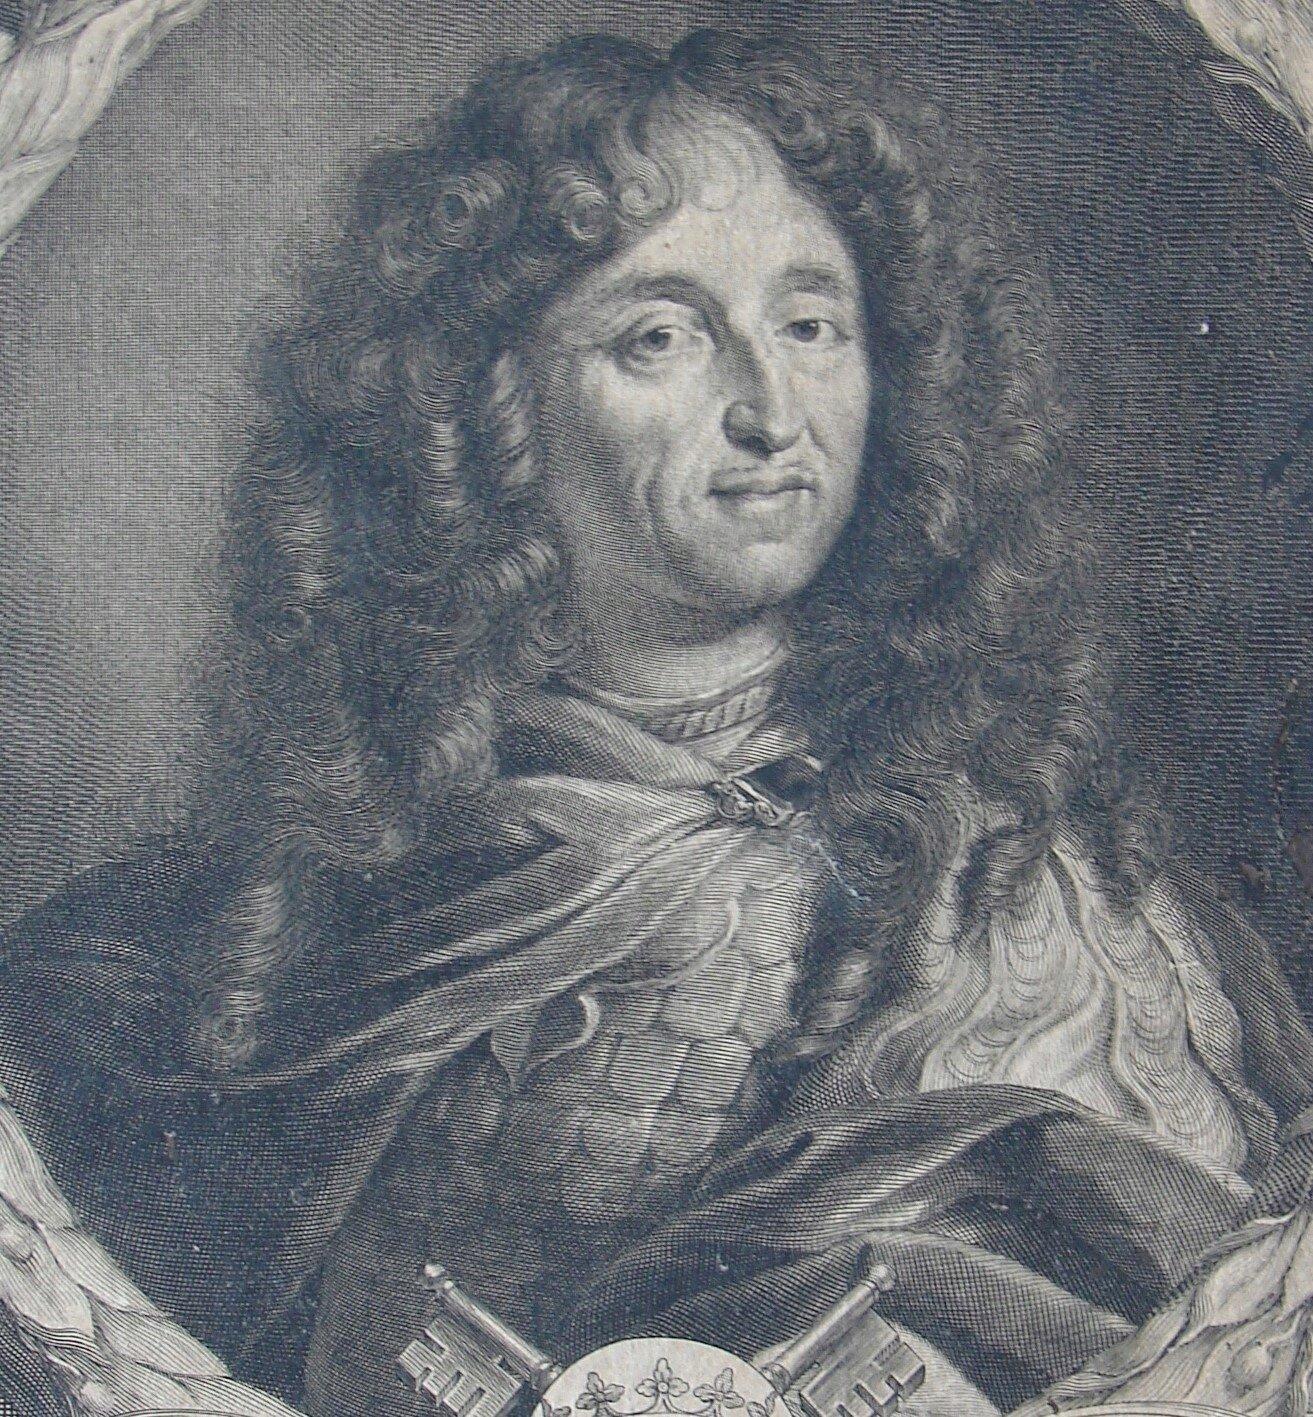 Portret przedstawia mężczyznę wśrednim wieku. Jego twarz okala burza ciemnych loków. Ubrany jest wzbroję izwiewny szal spięty klamrą przy szyi.